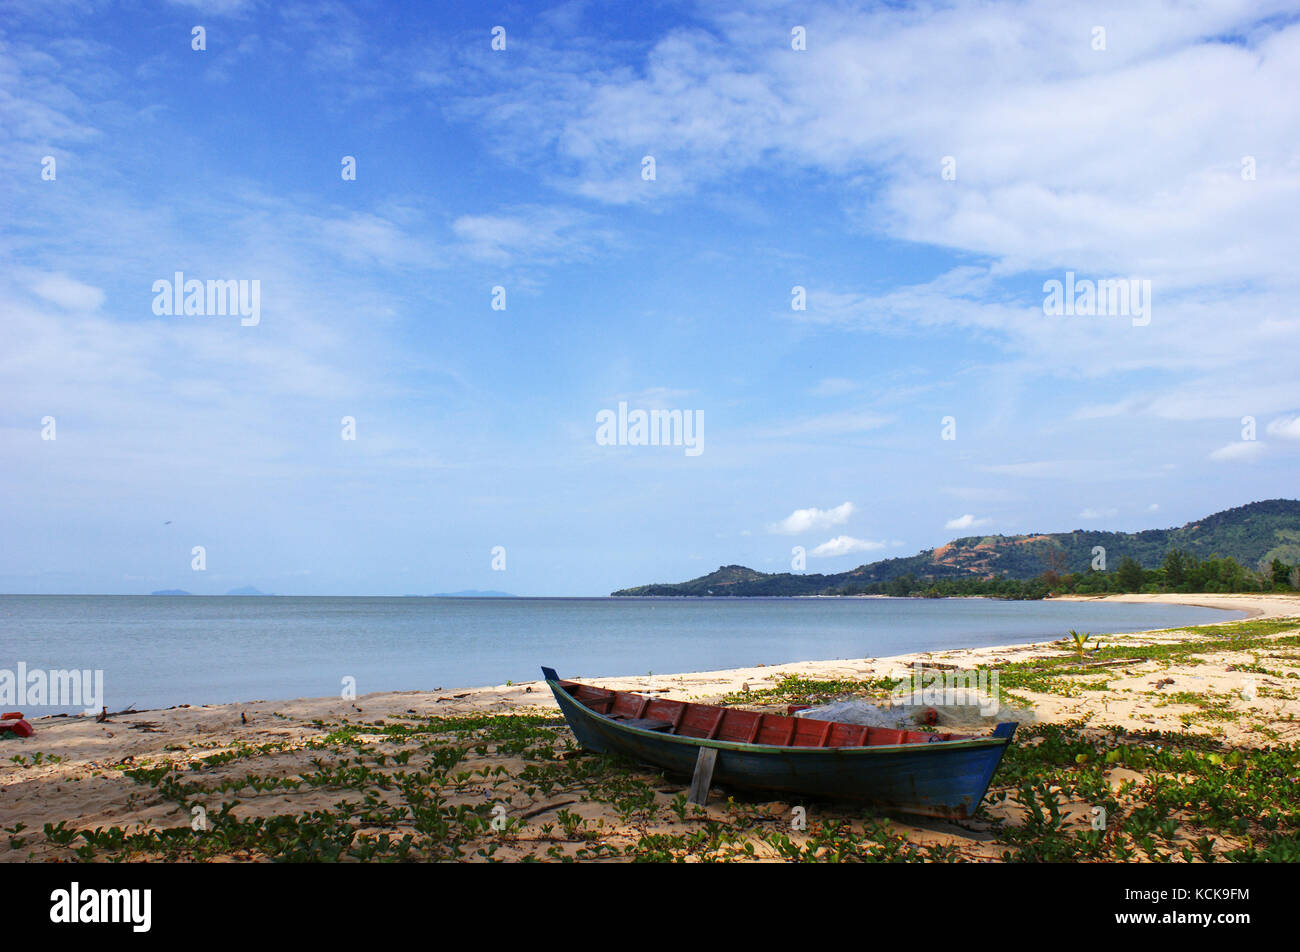 Samudera Beach, Singkawang, West Kalimantan, Indonesia - Stock Image